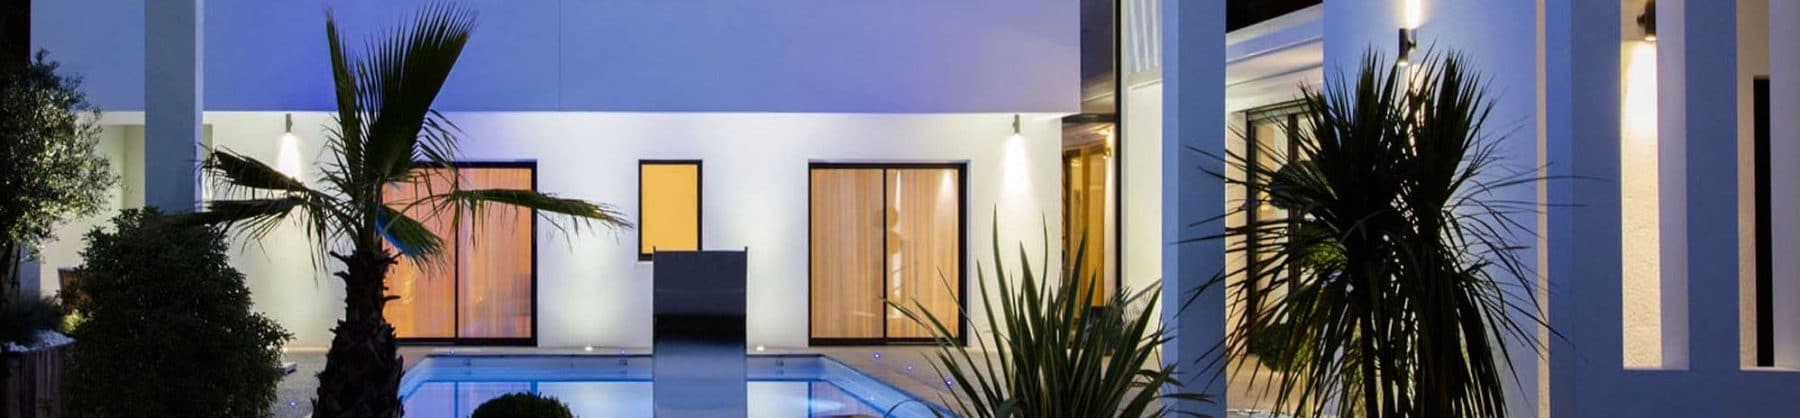 Maison d 39 architecte ou de constructeur que choisir for Architecte maitre d oeuvre ou constructeur